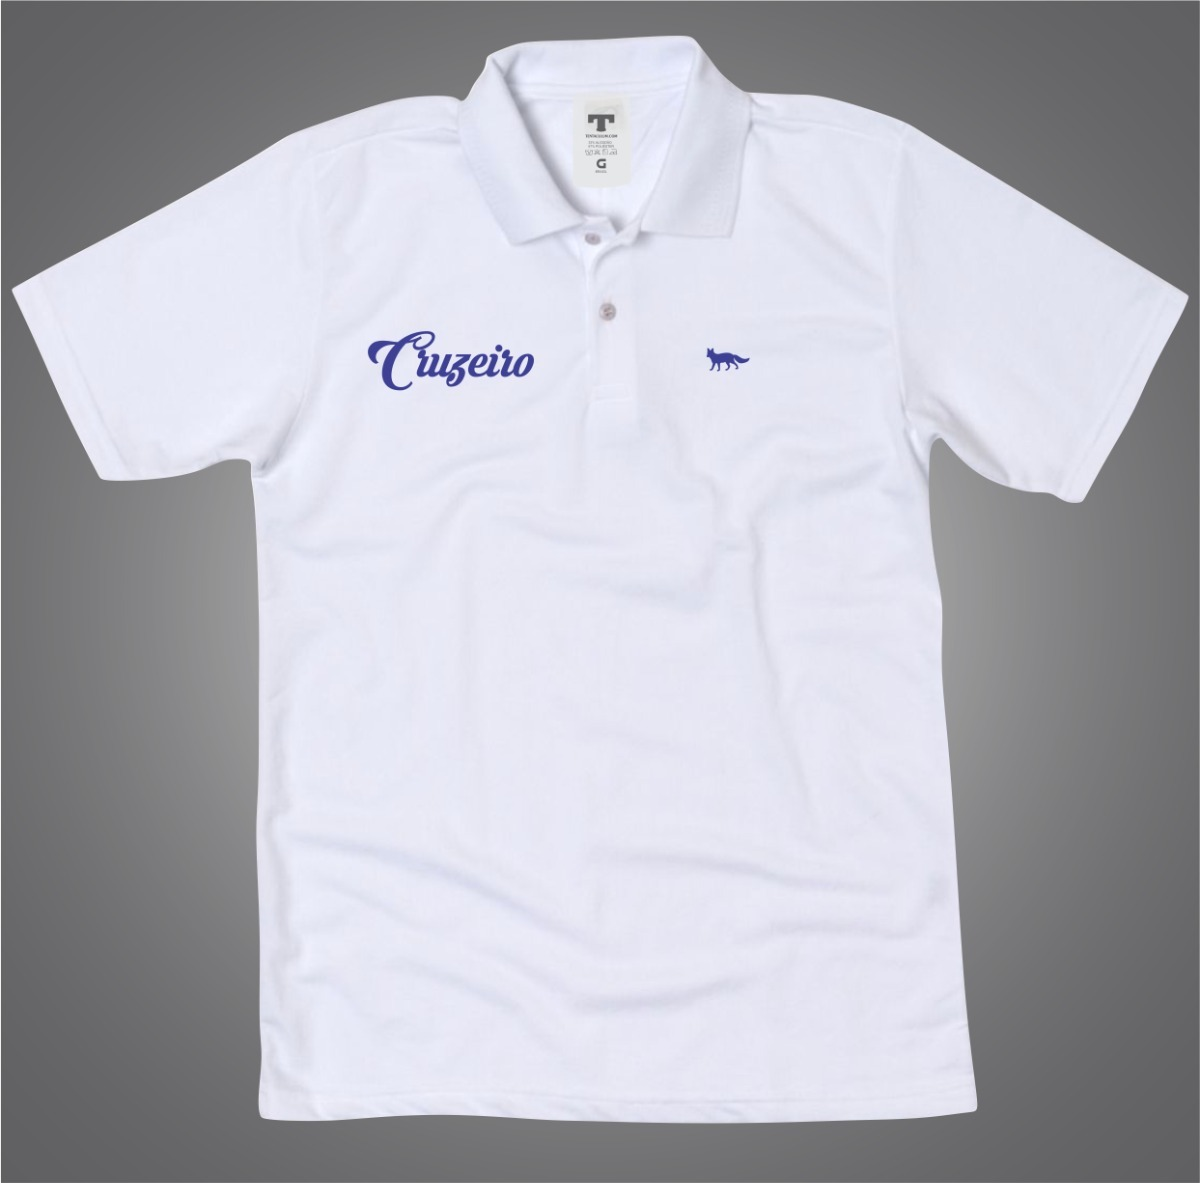 dfc5073afa Características. Marca TENTACULUM  Time Cruzeiro  Tipo de camisa Polo  Torcedor ...